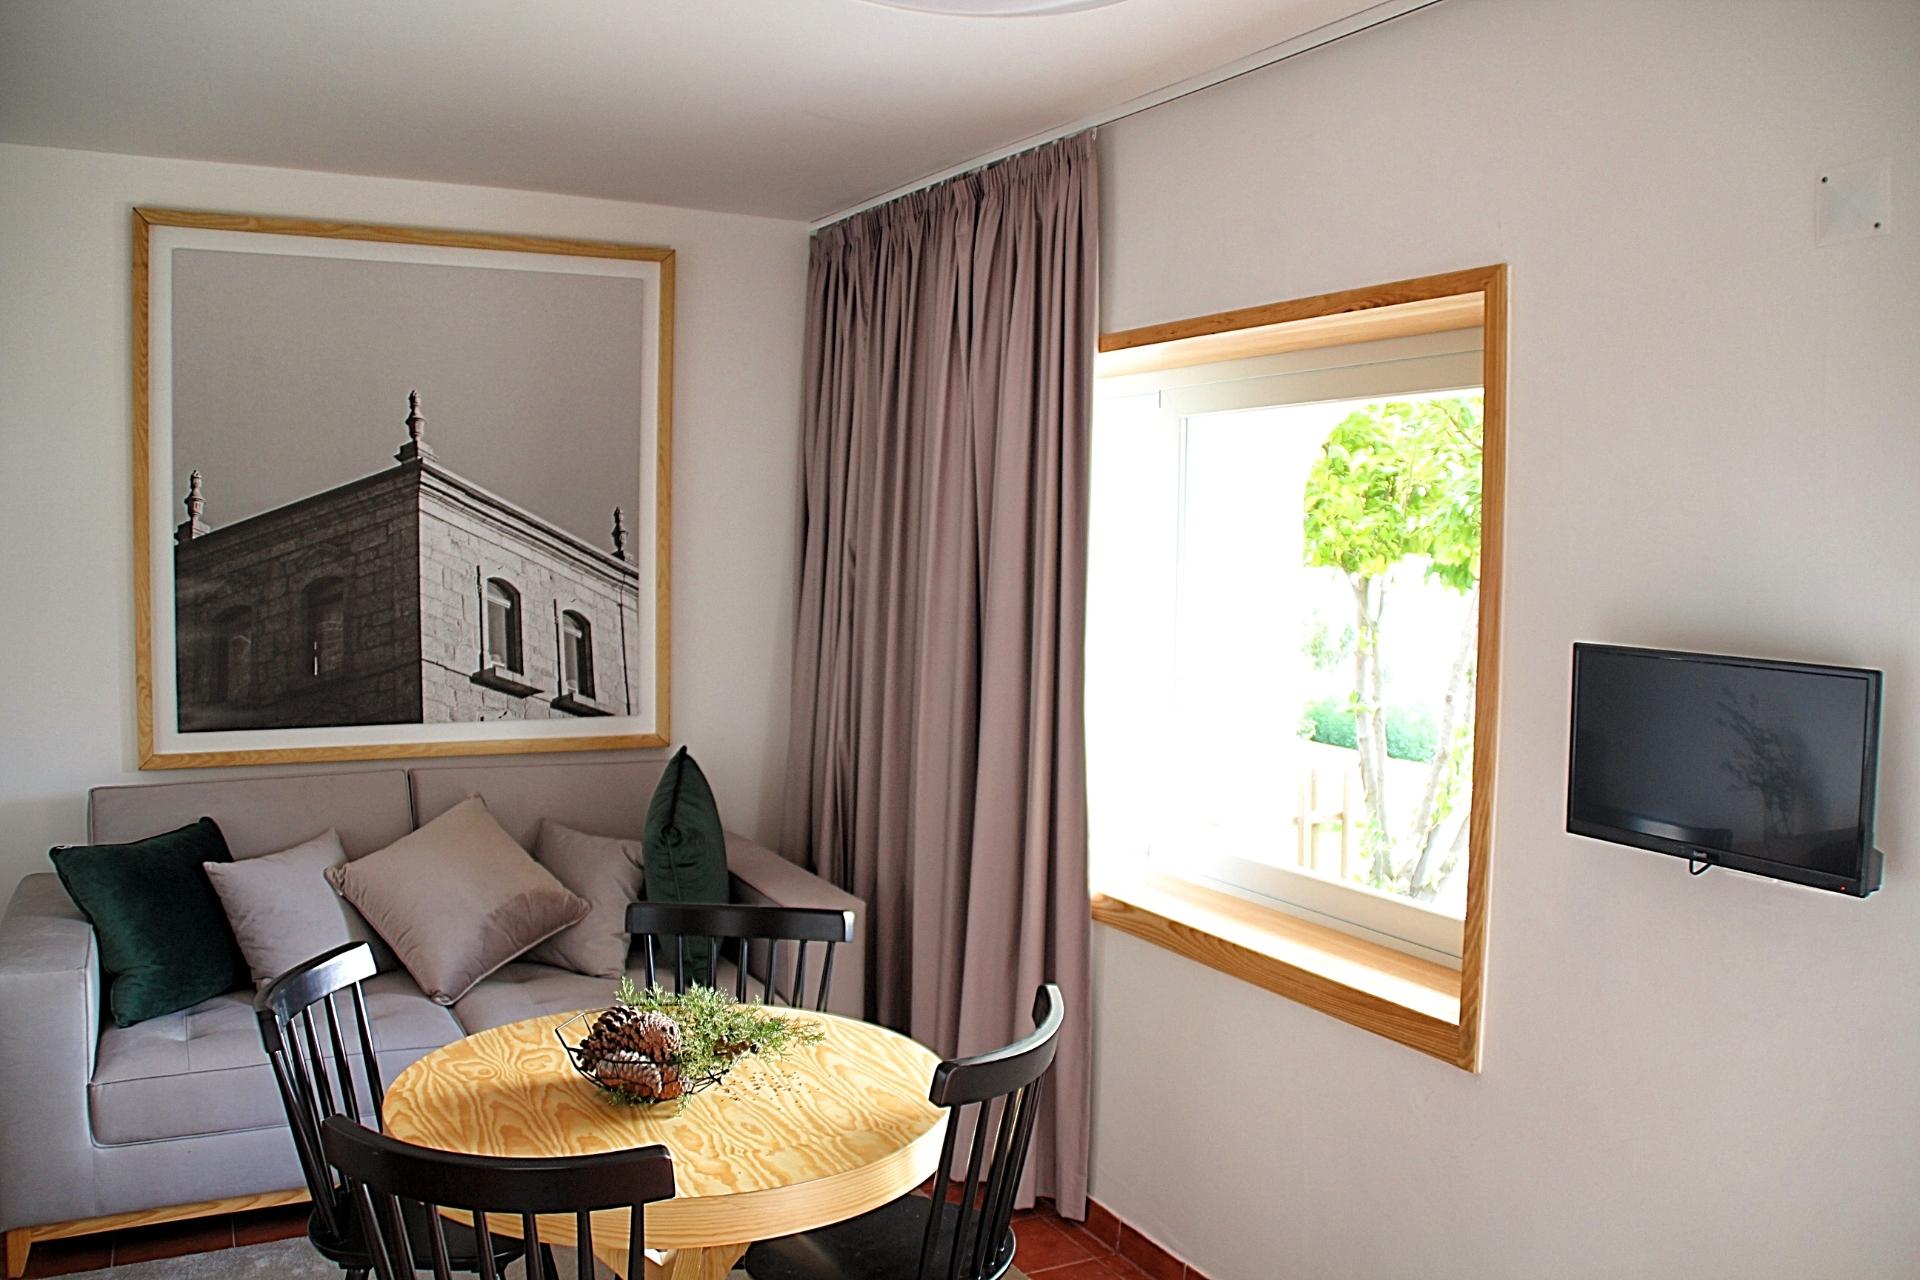 Turismo Rural sala com vista campo